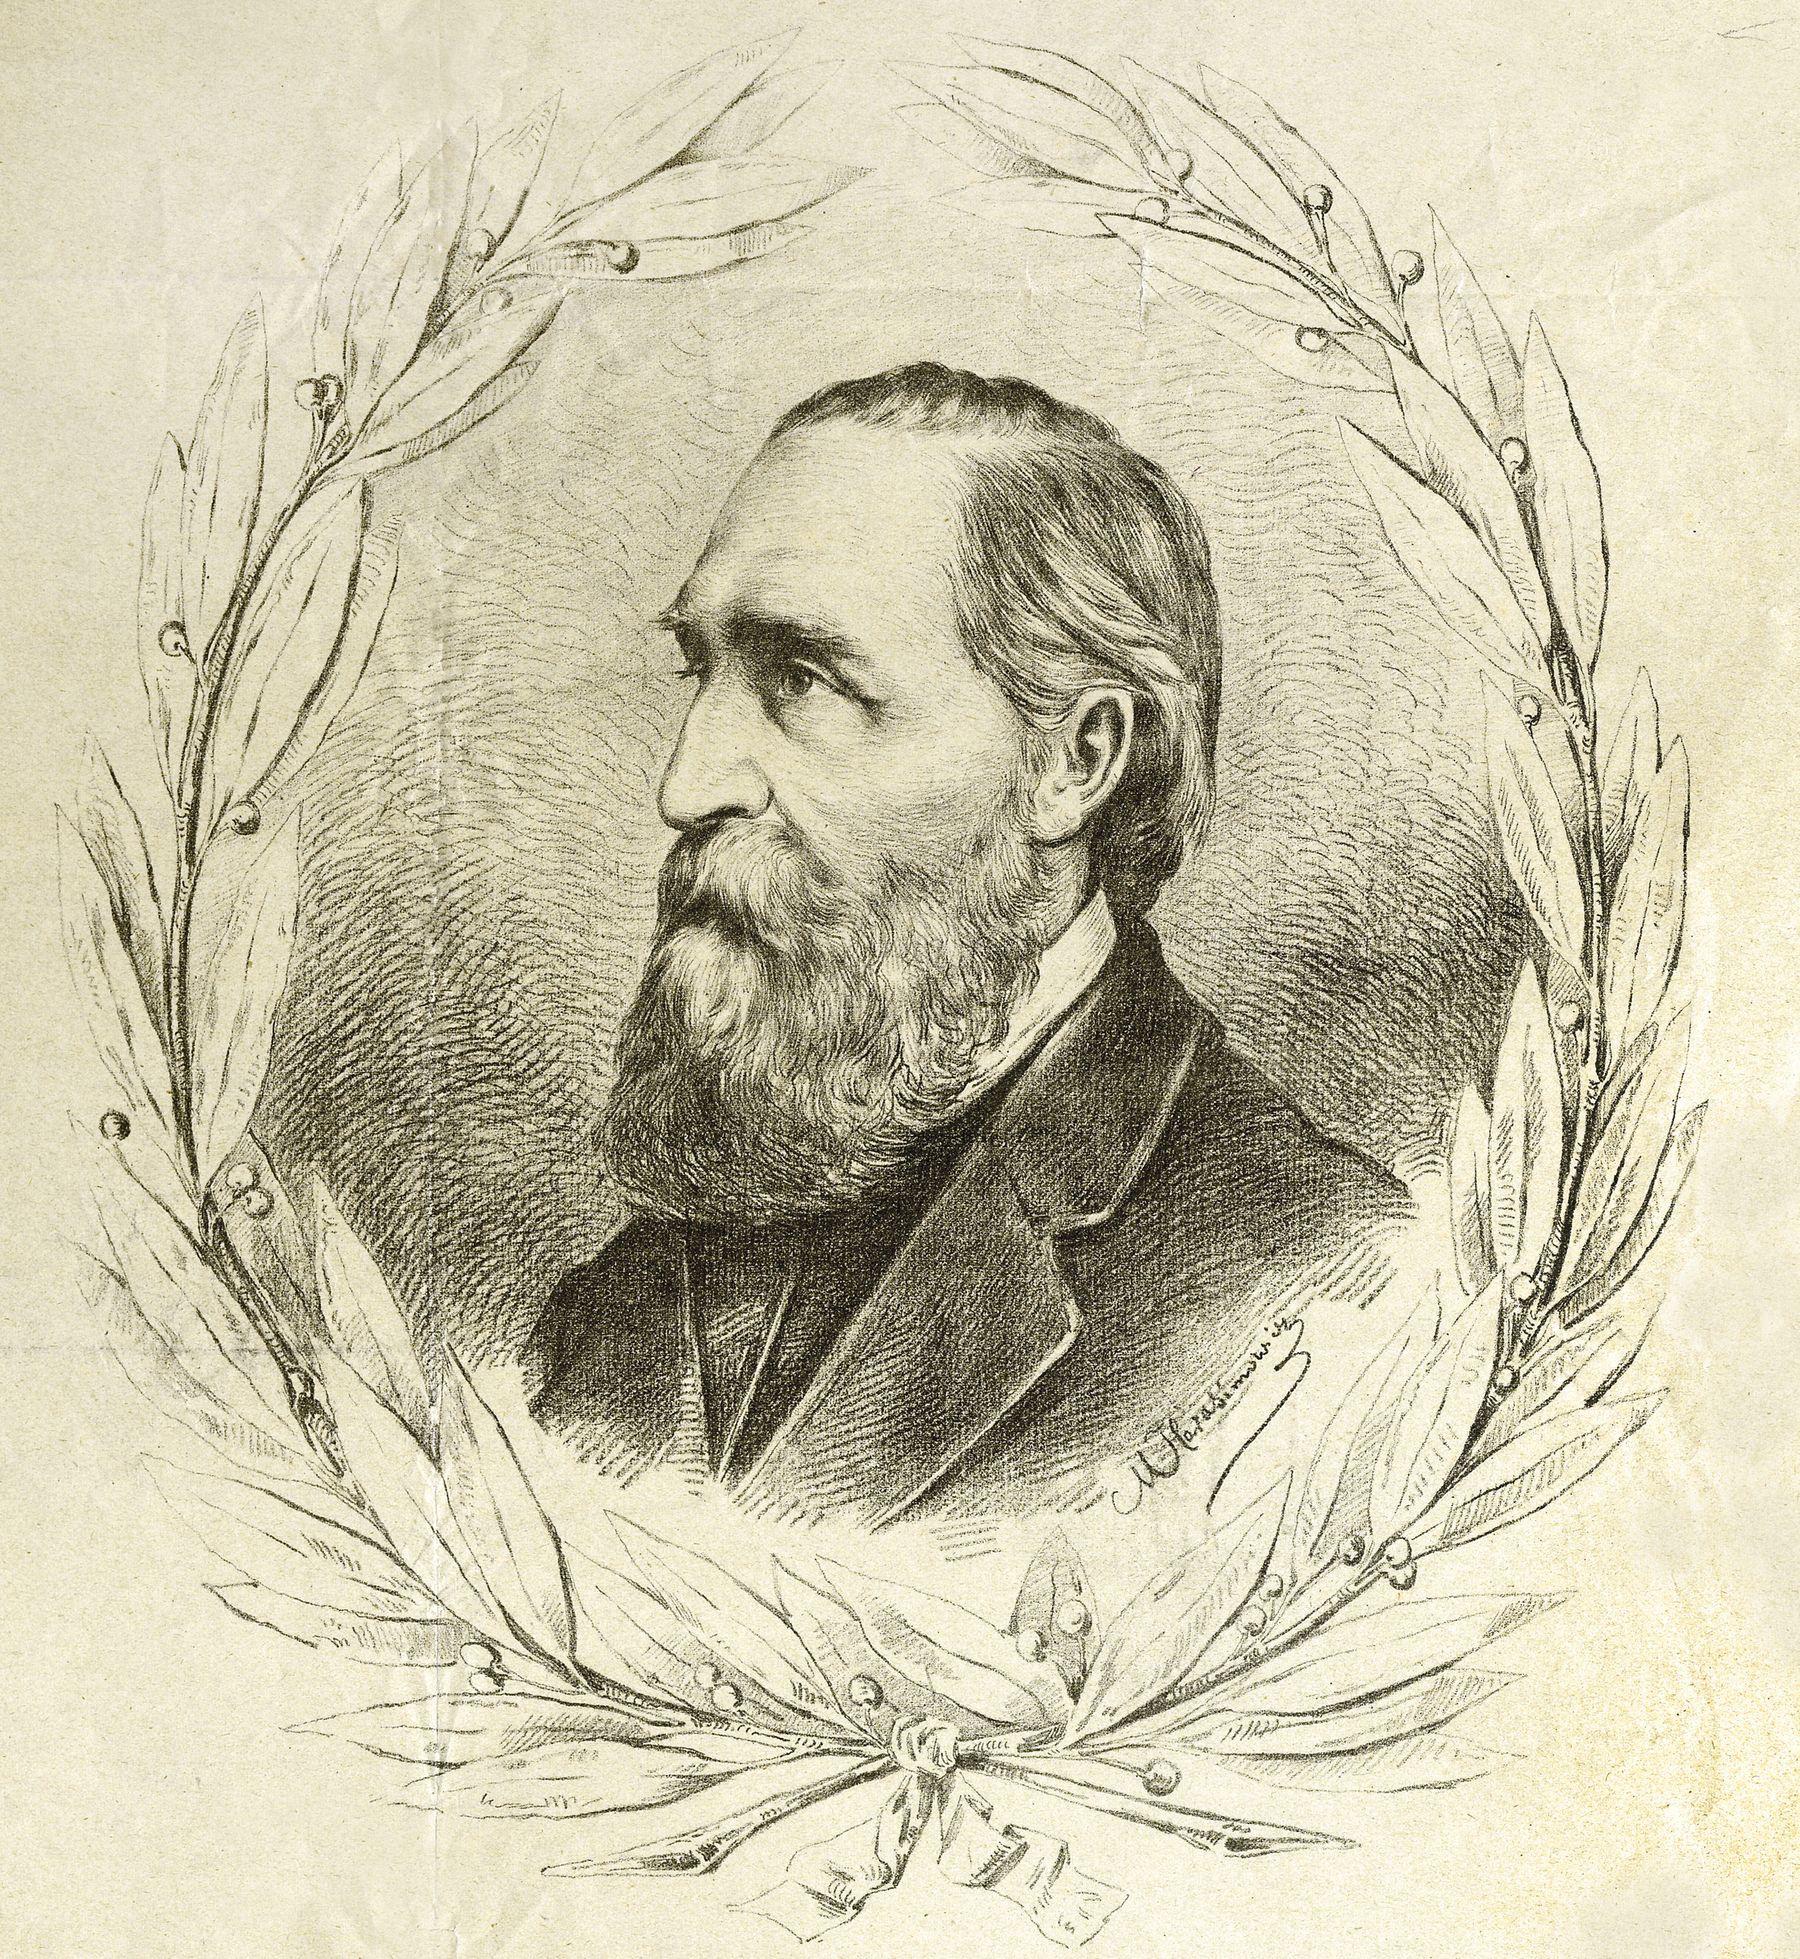 Марцелій Гарасимович. Ігнацій-Юзеф Крашевський, 1879; літографія